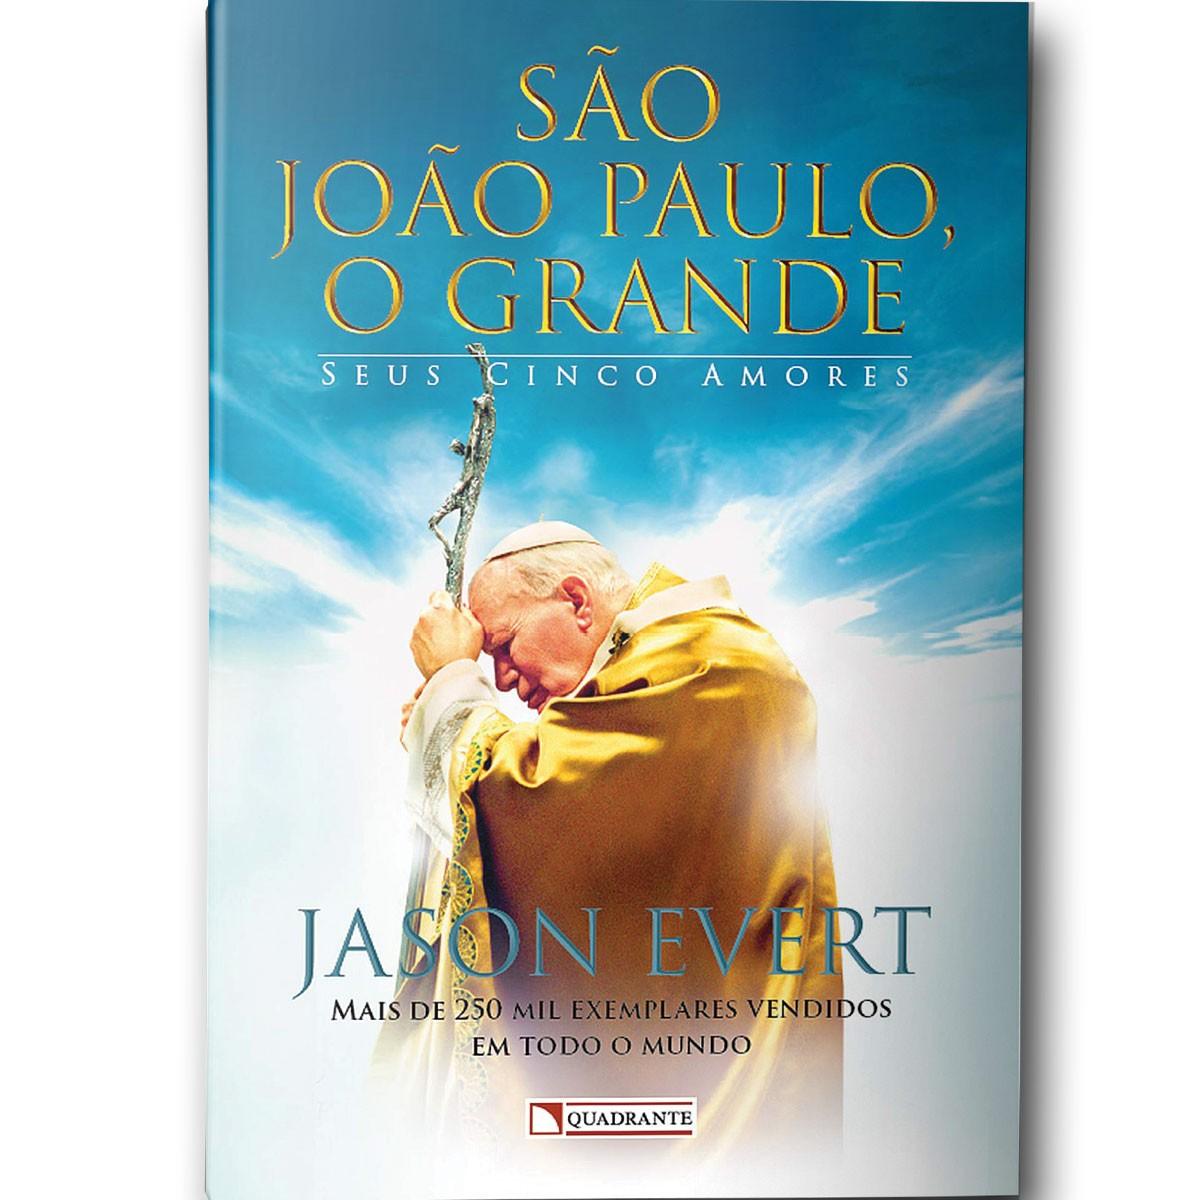 Foto 1 - São João Paulo, o Grande